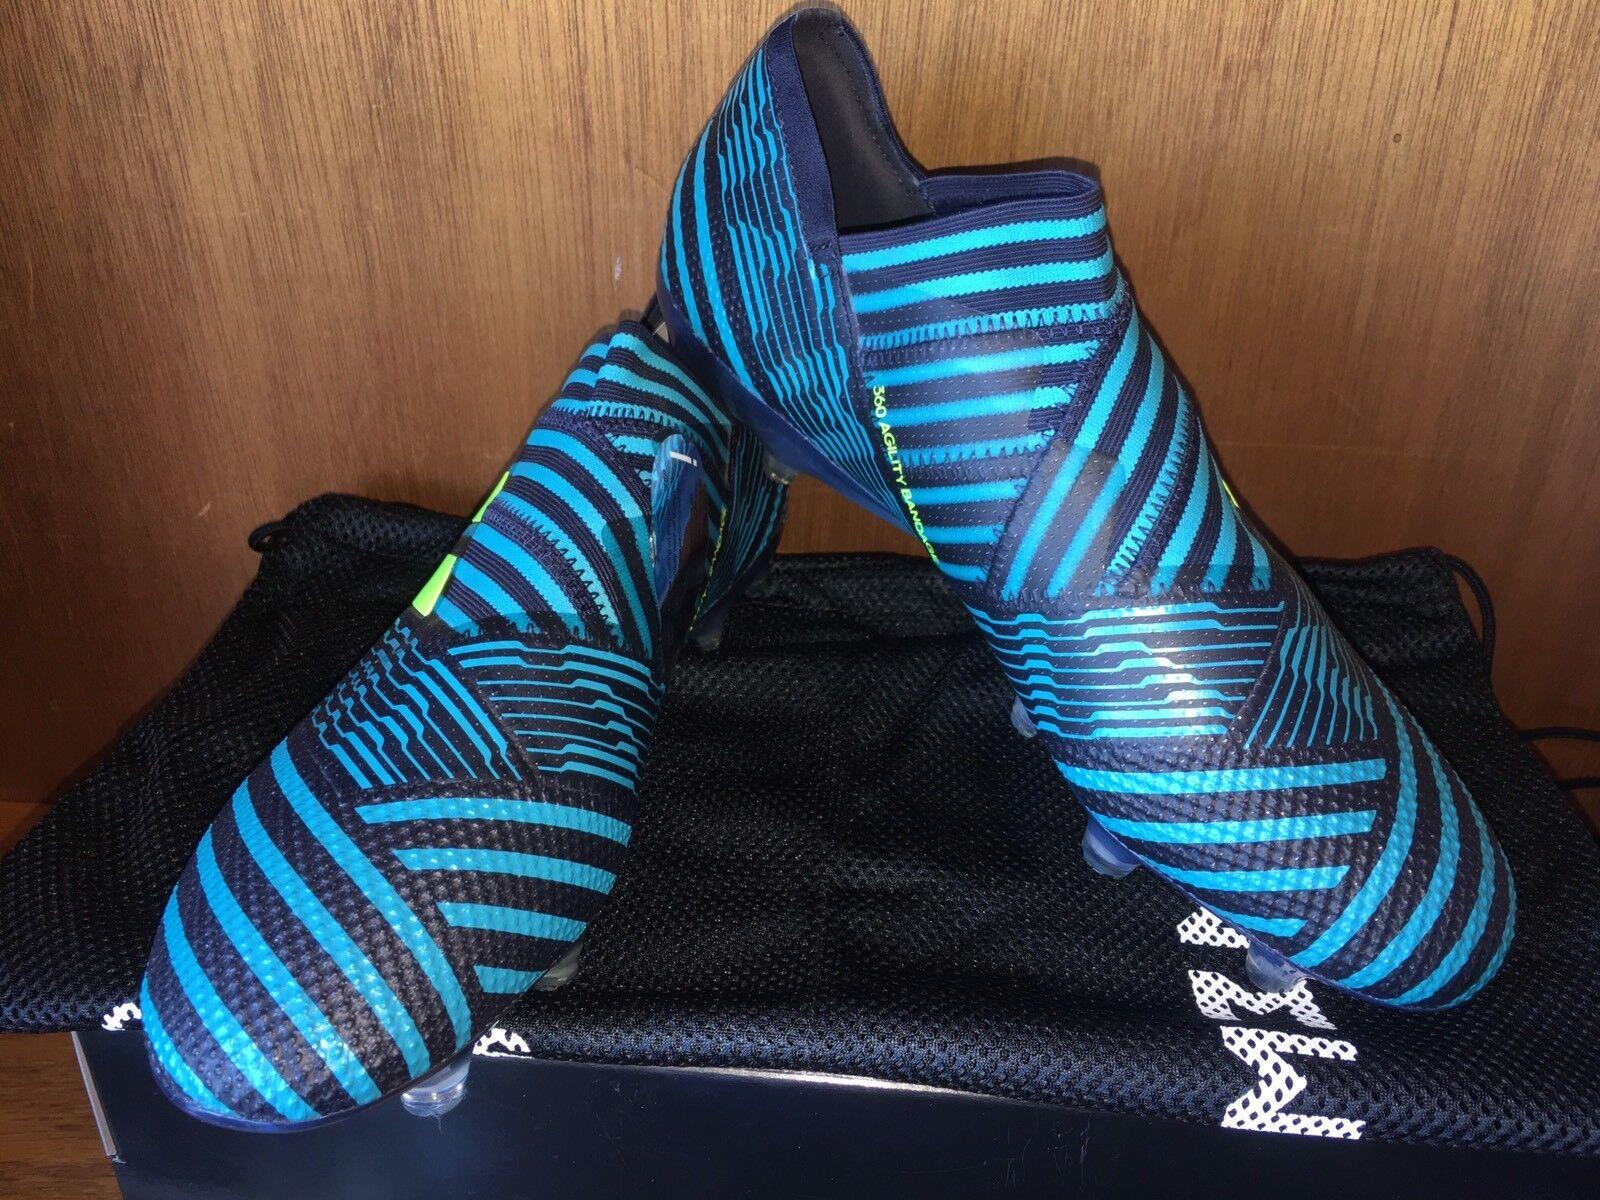 Adidas Nemeziz 17+ 360Agility Fg Fútbol Tacos Taille 10.5